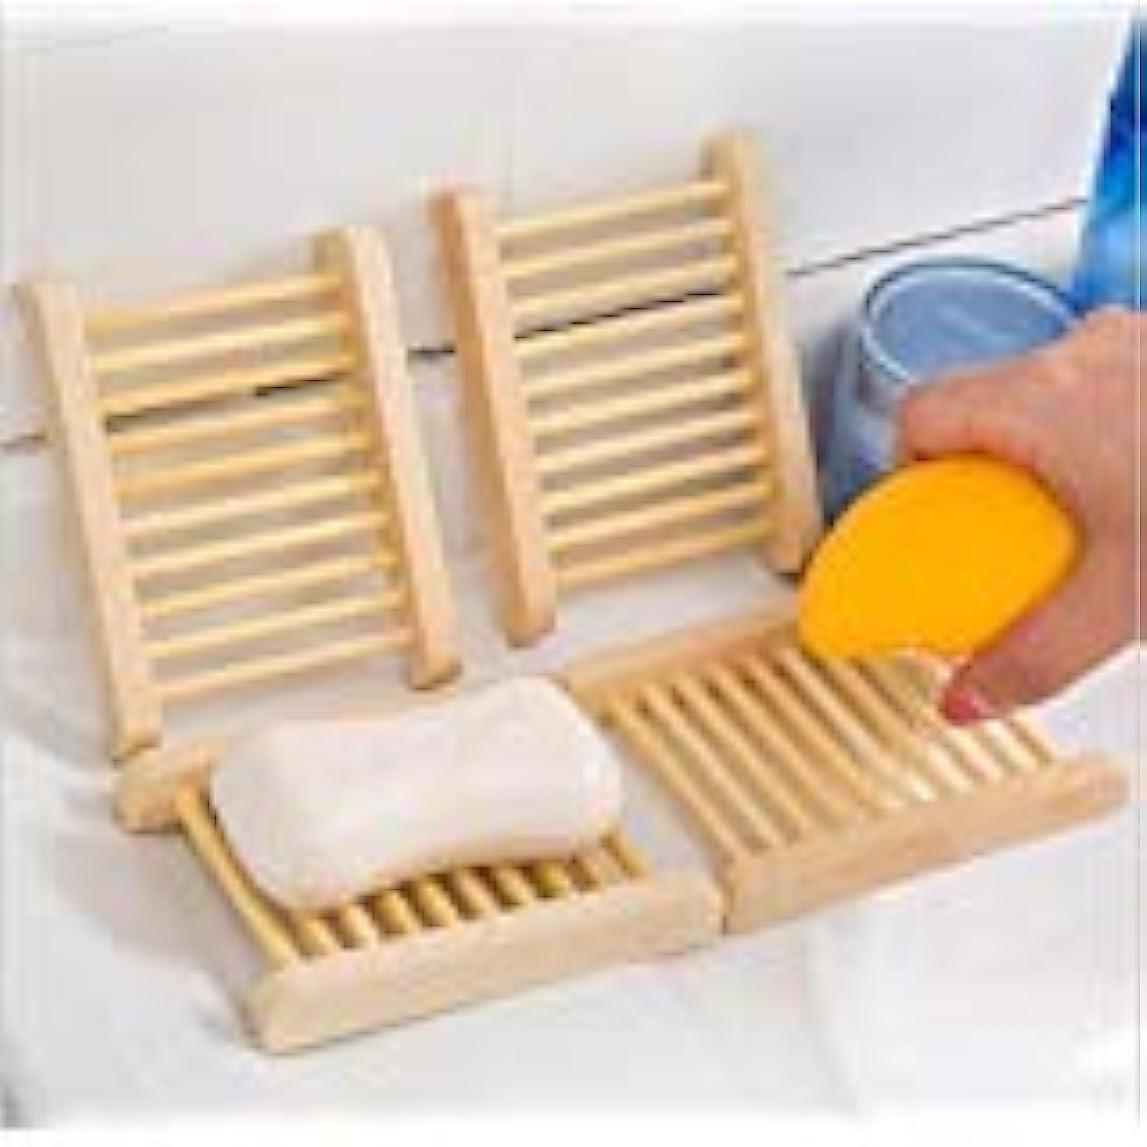 製造ミシン印刷するKINGZUO ソープトレー せっけんトレー 石鹸置き石鹸置き 石鹸ボックス ソープディッシュ 水切り お風呂 バス用品 木製 4個入り